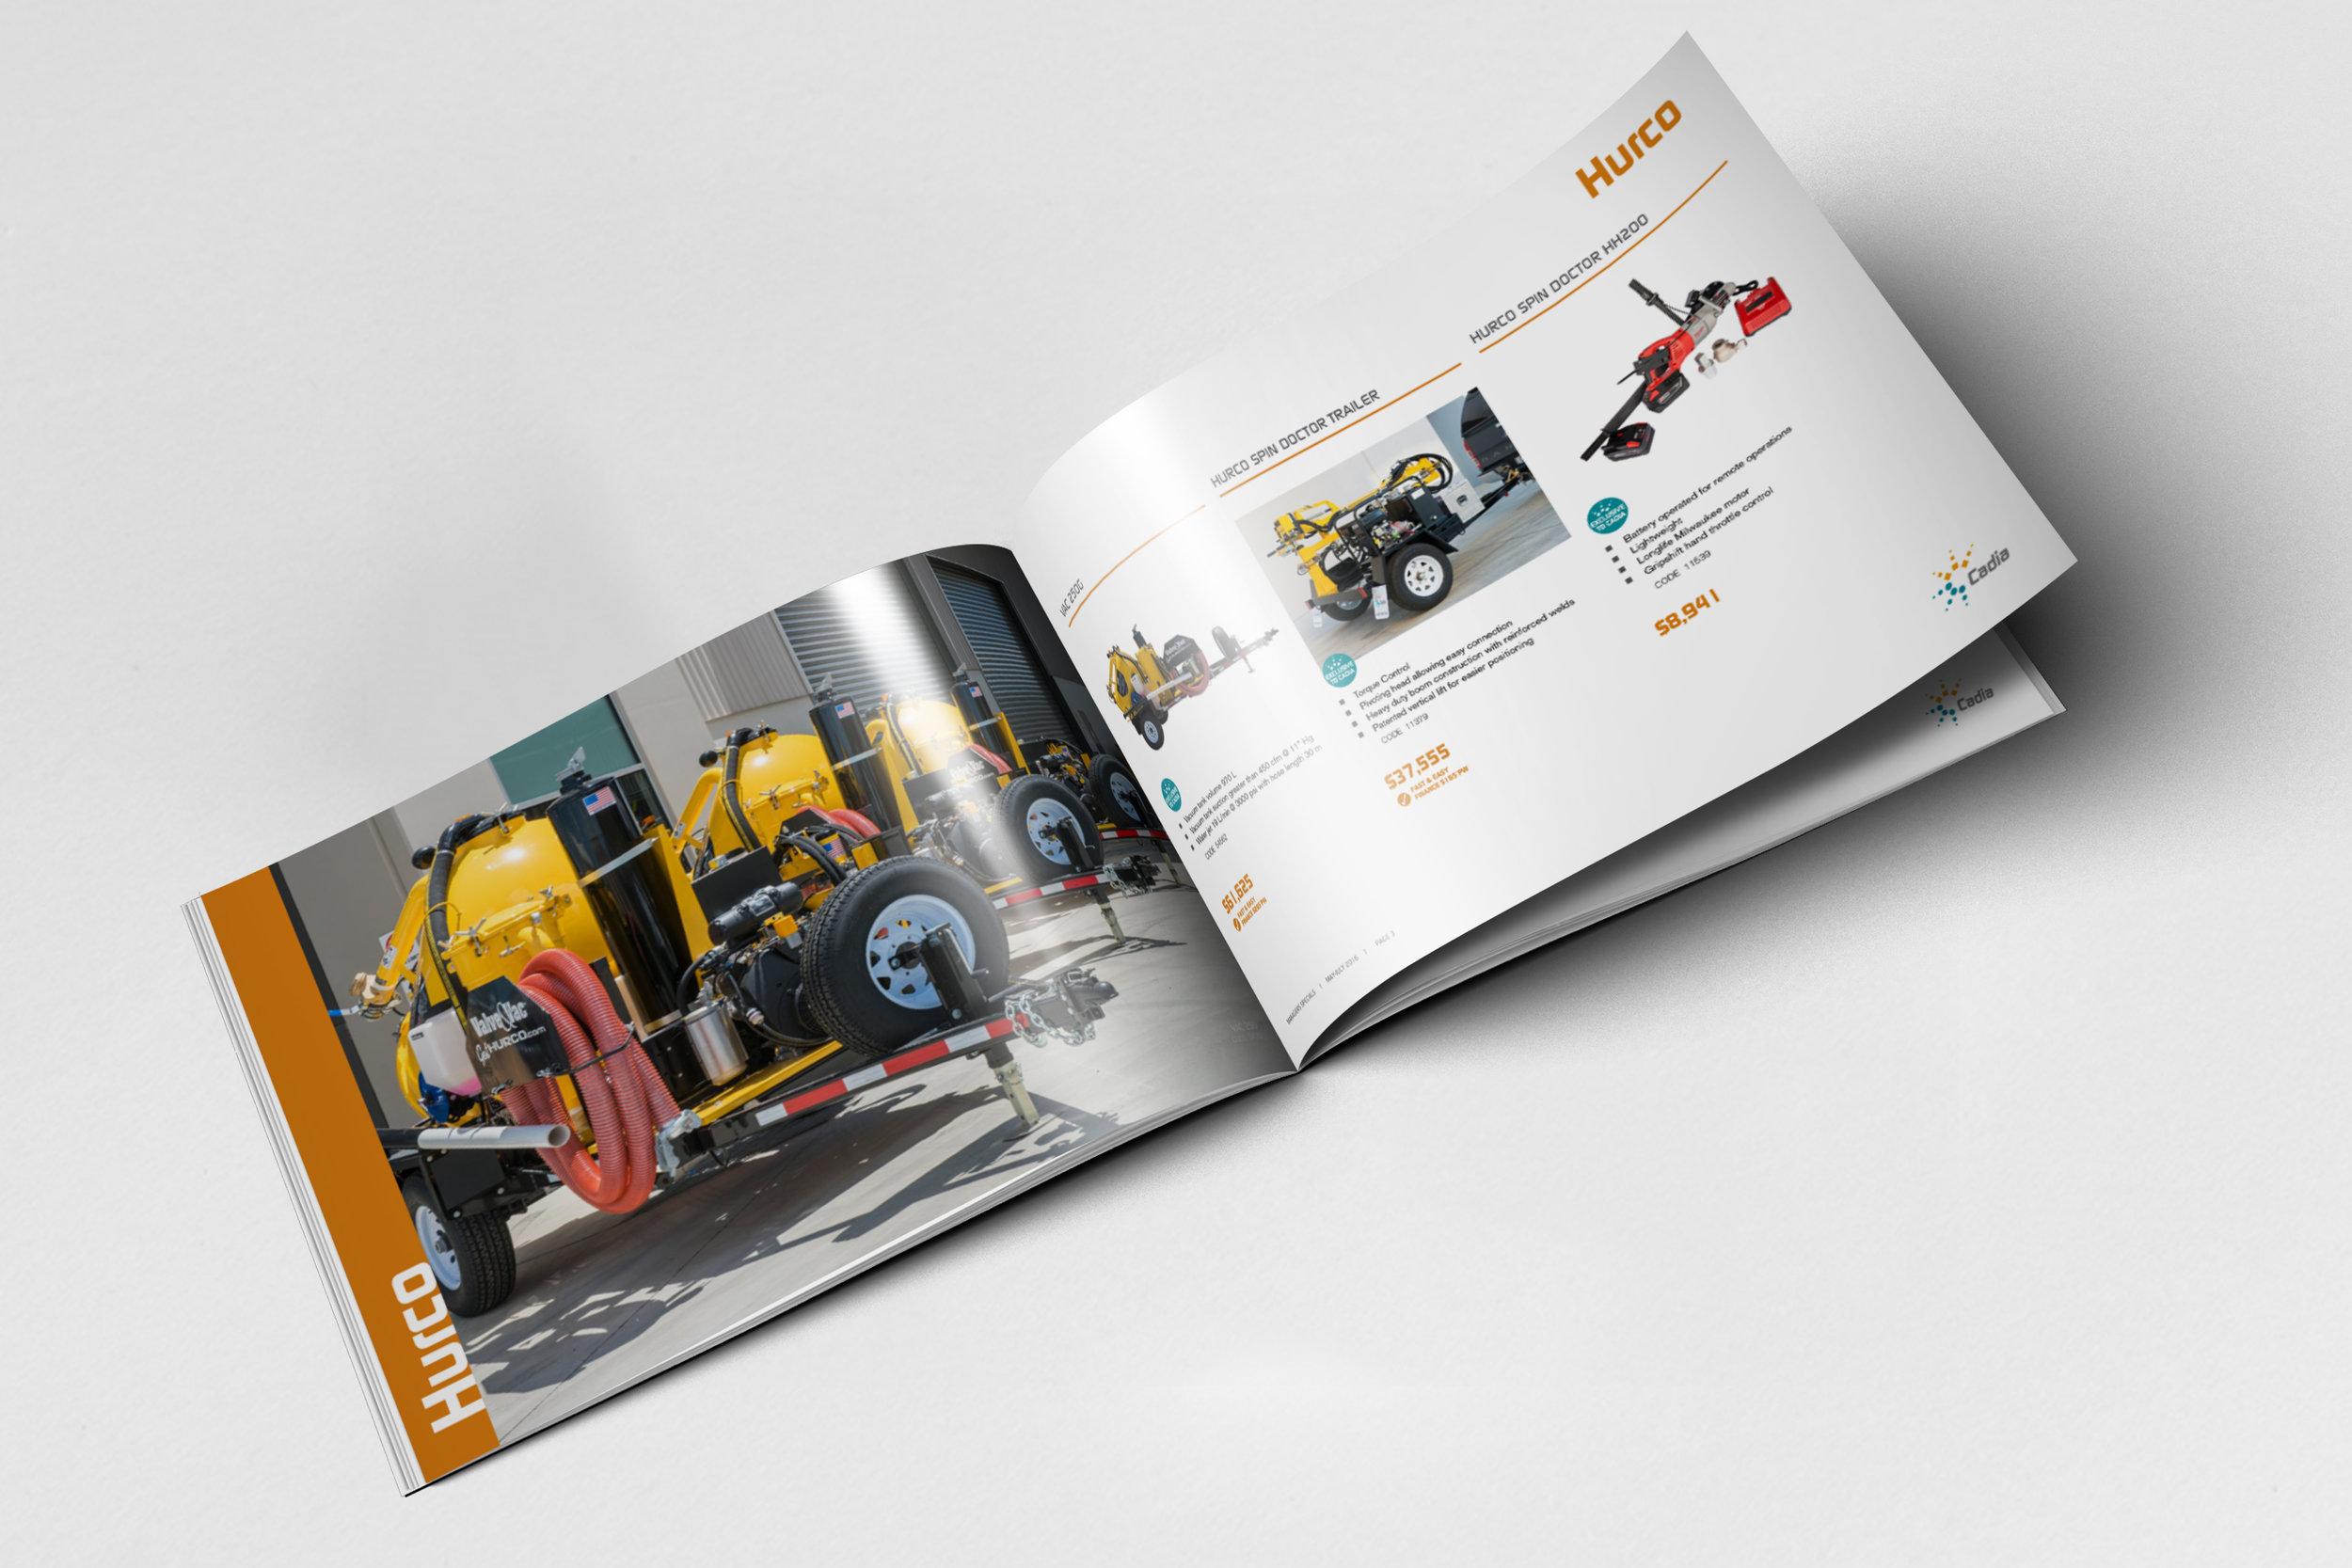 Cadia_Brochure_Inside.jpg